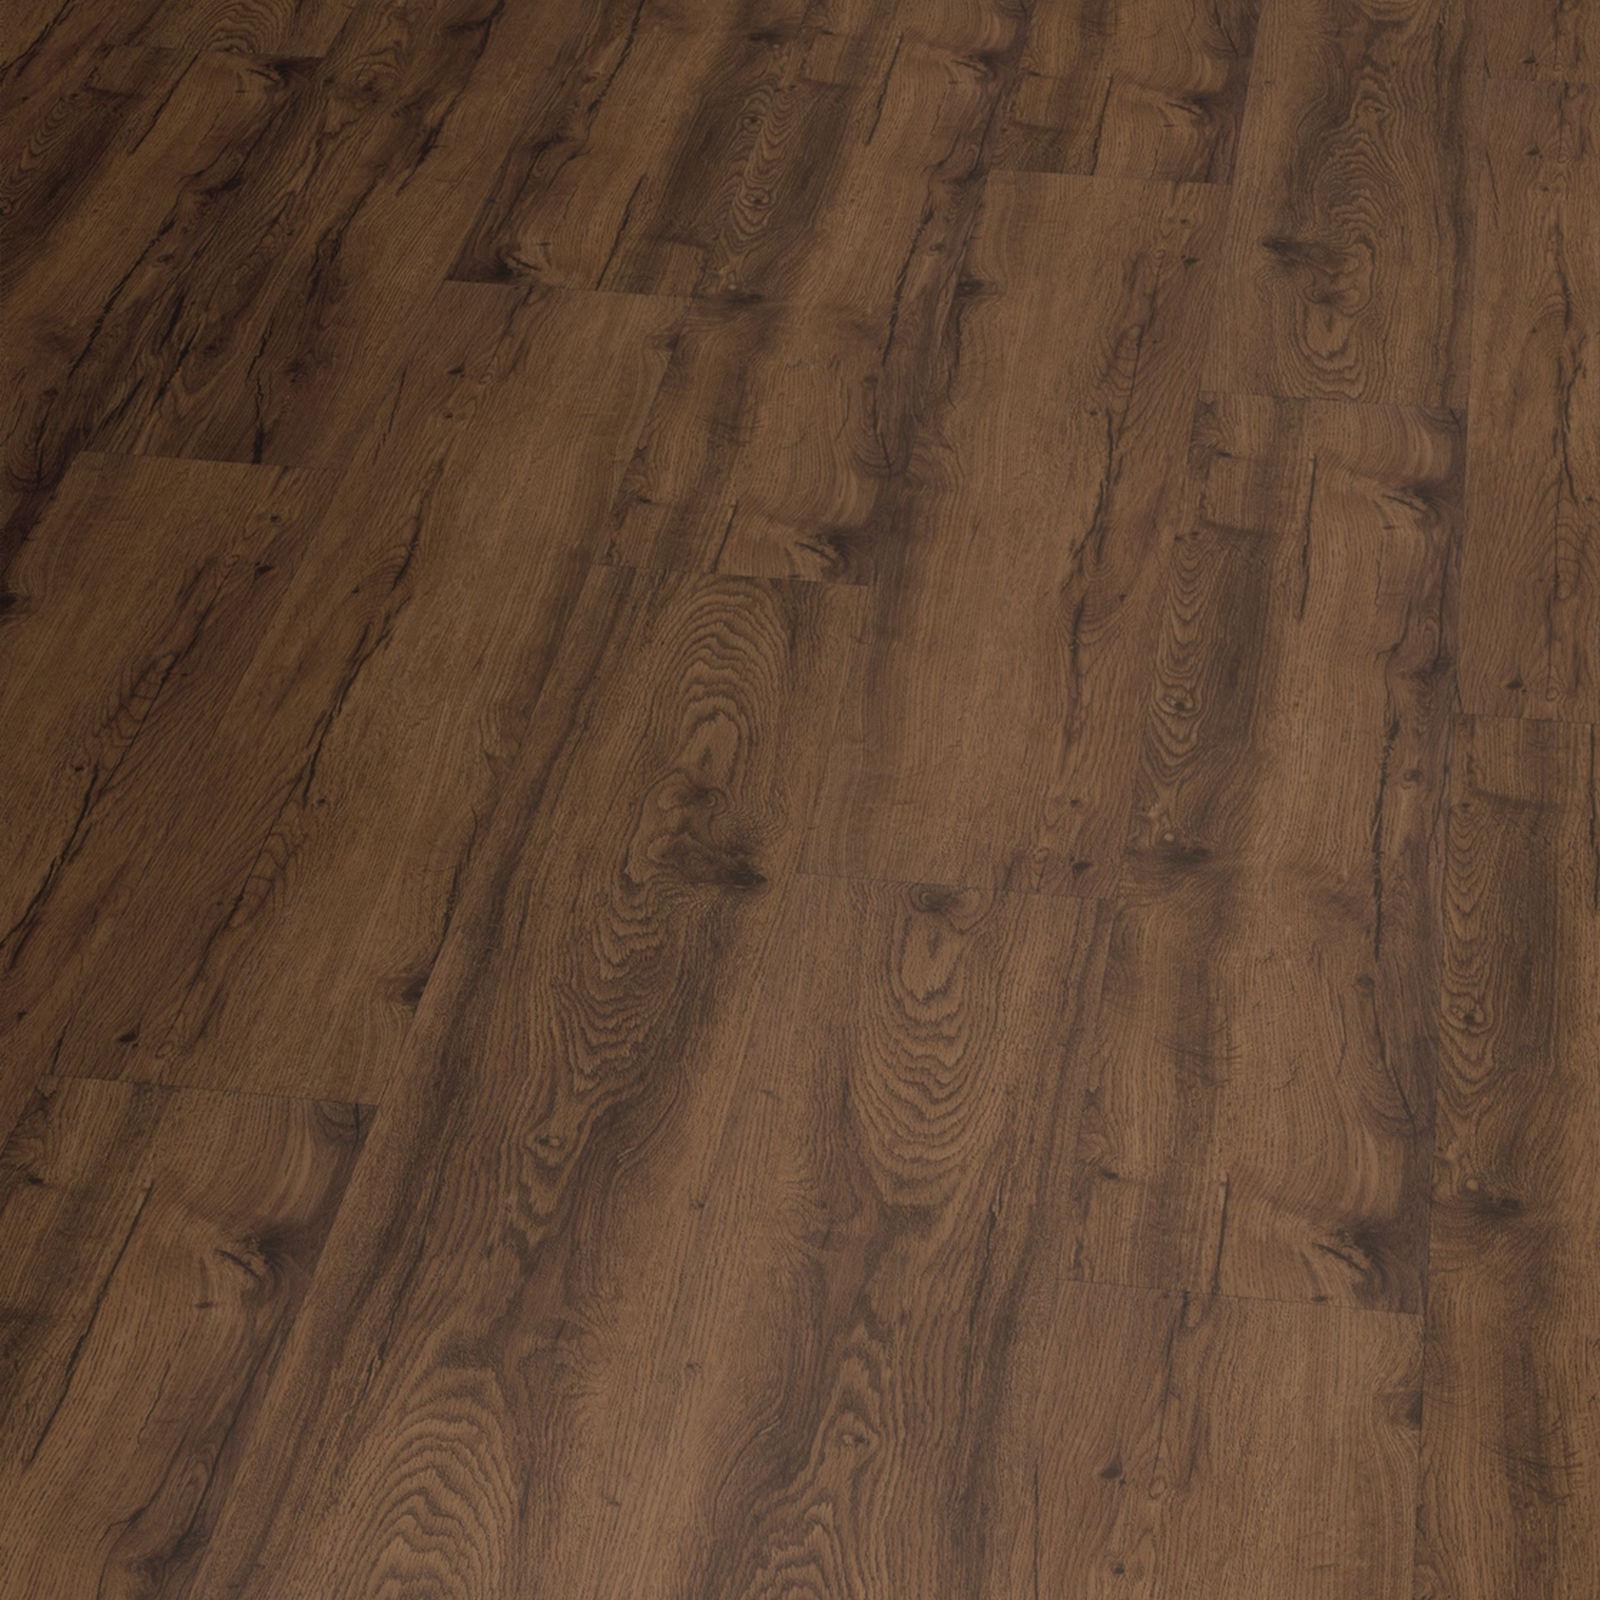 hori vinylboden pvc klick boden eiche chalet marseille fase d mmung leisten ebay. Black Bedroom Furniture Sets. Home Design Ideas